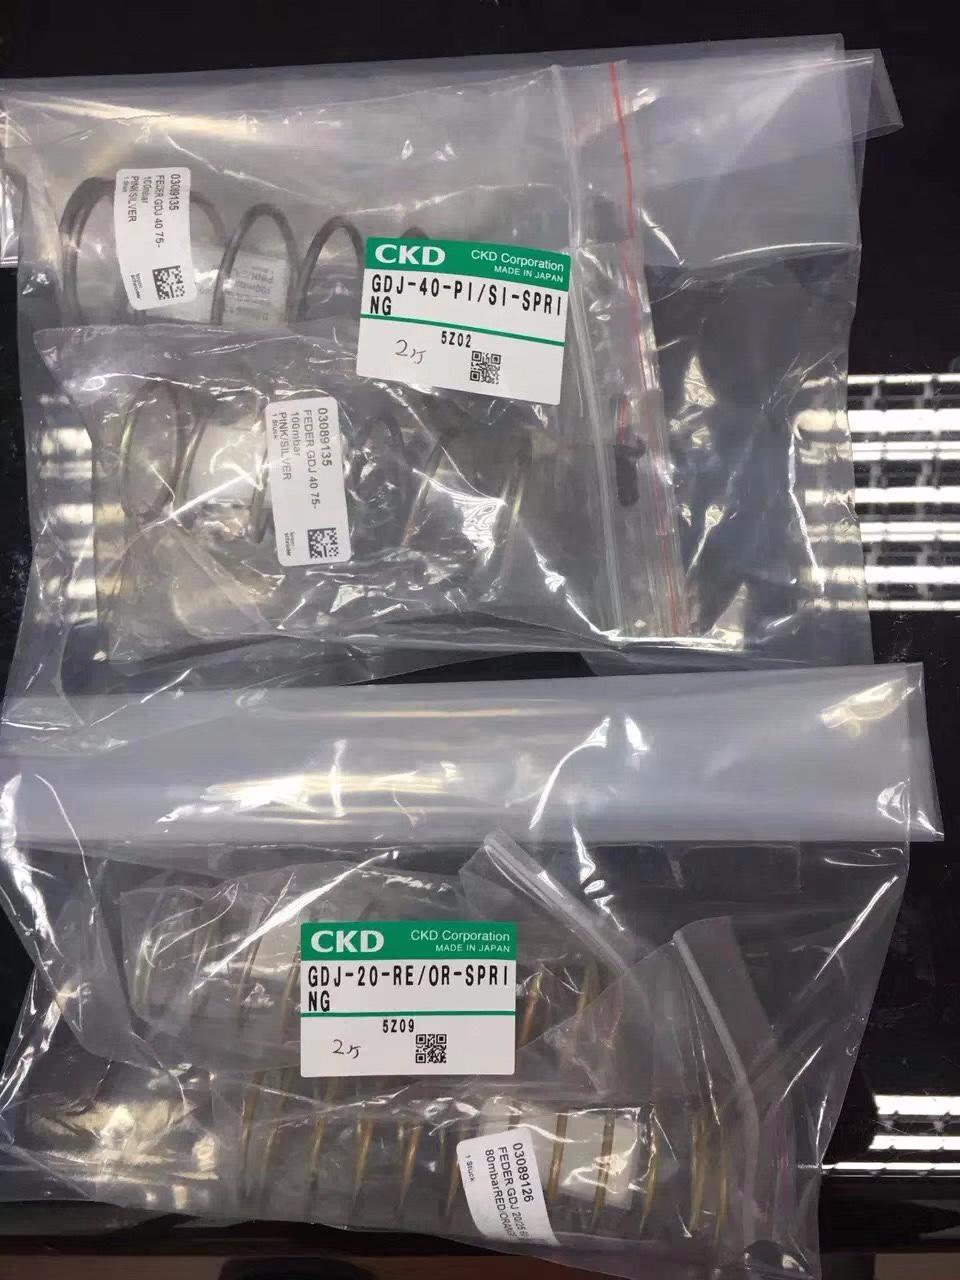 CKD GDJ-40-P1/S1-SPR1-NG